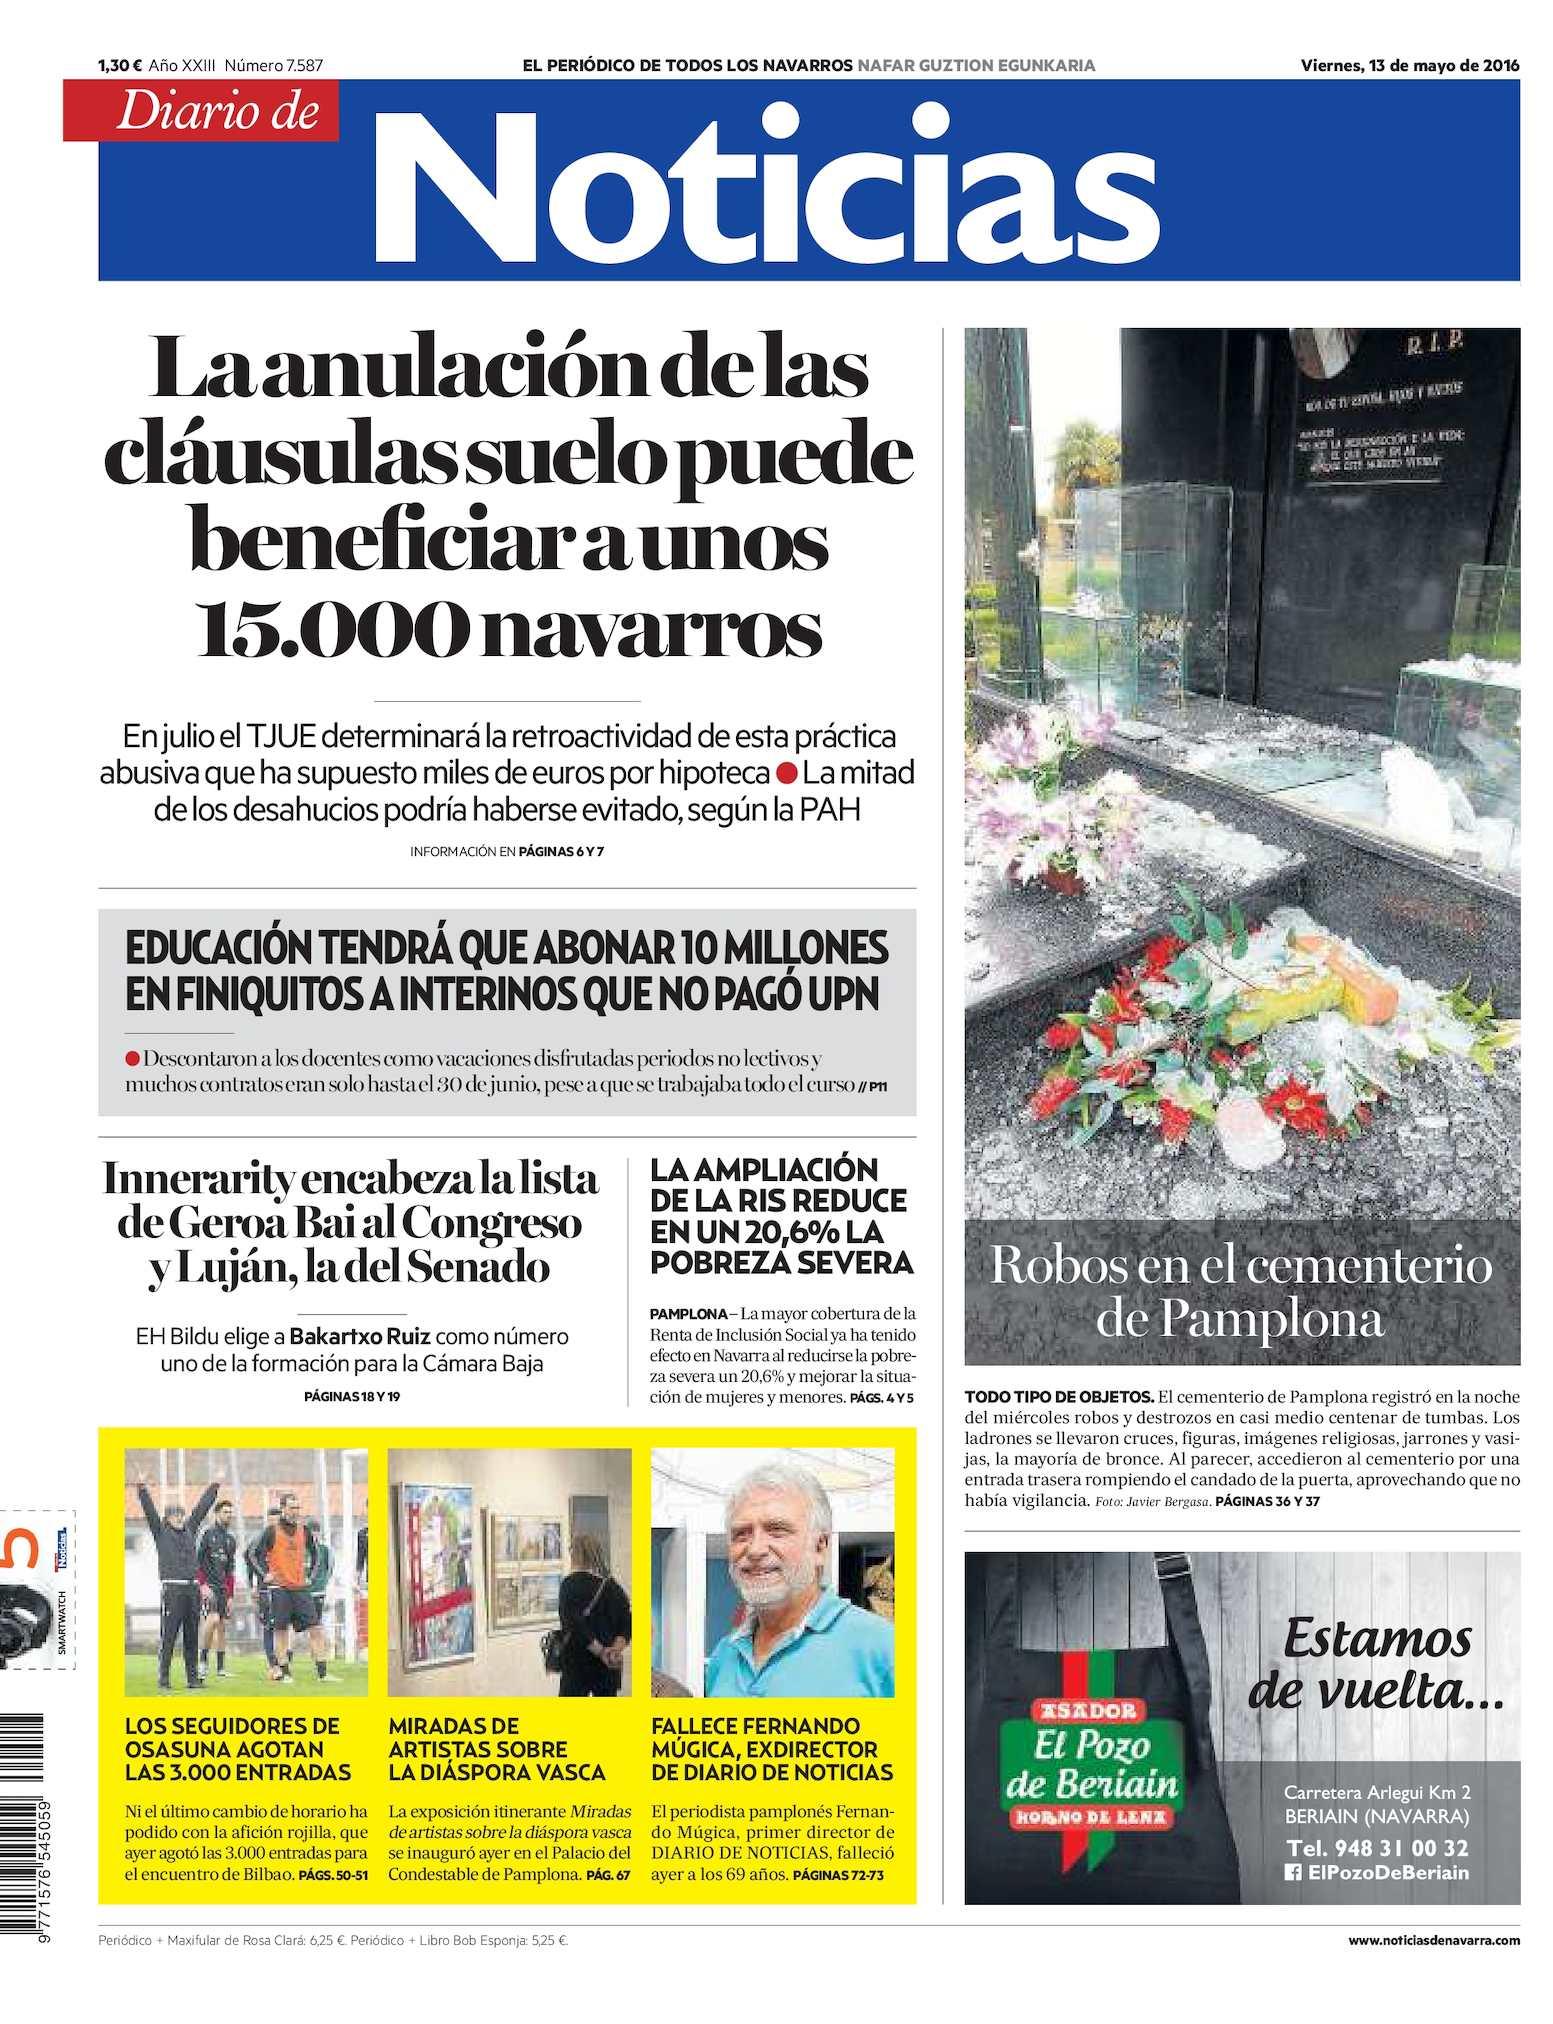 Calaméo - Diario de Noticias 20160513